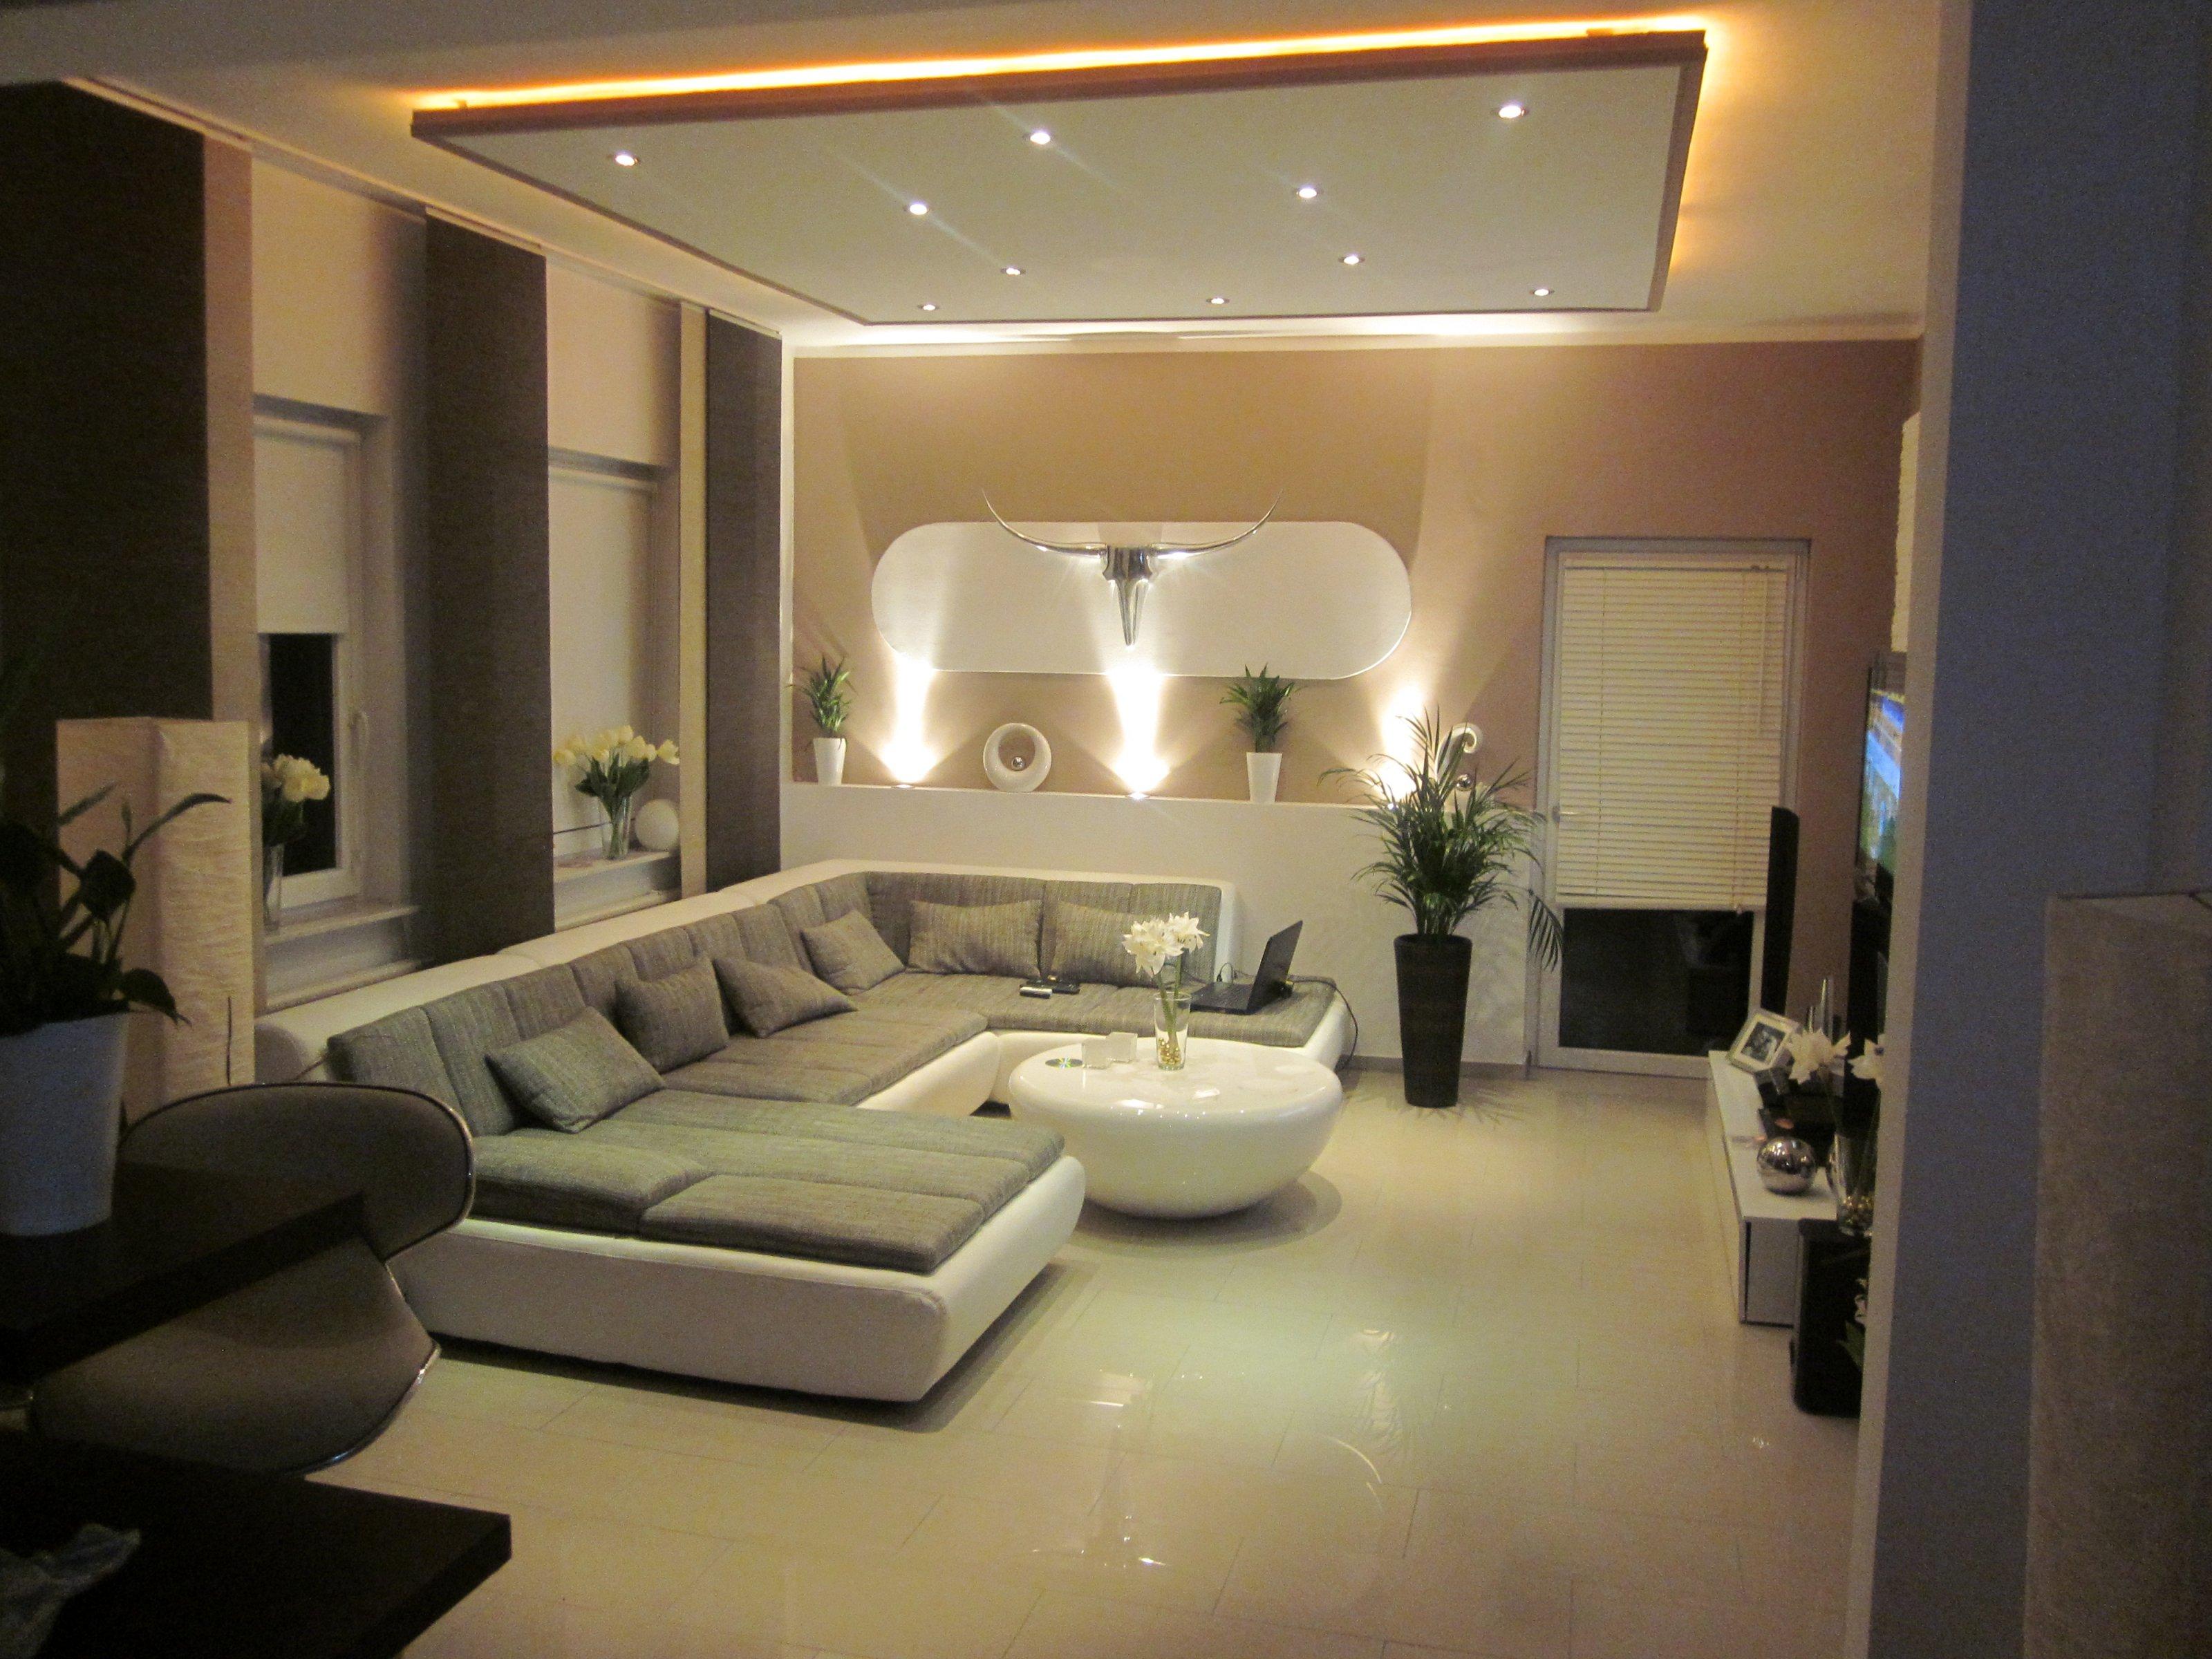 Wohnzimmer Mein Domizil von SaschaM2209 - 33473 - Zimmerschau